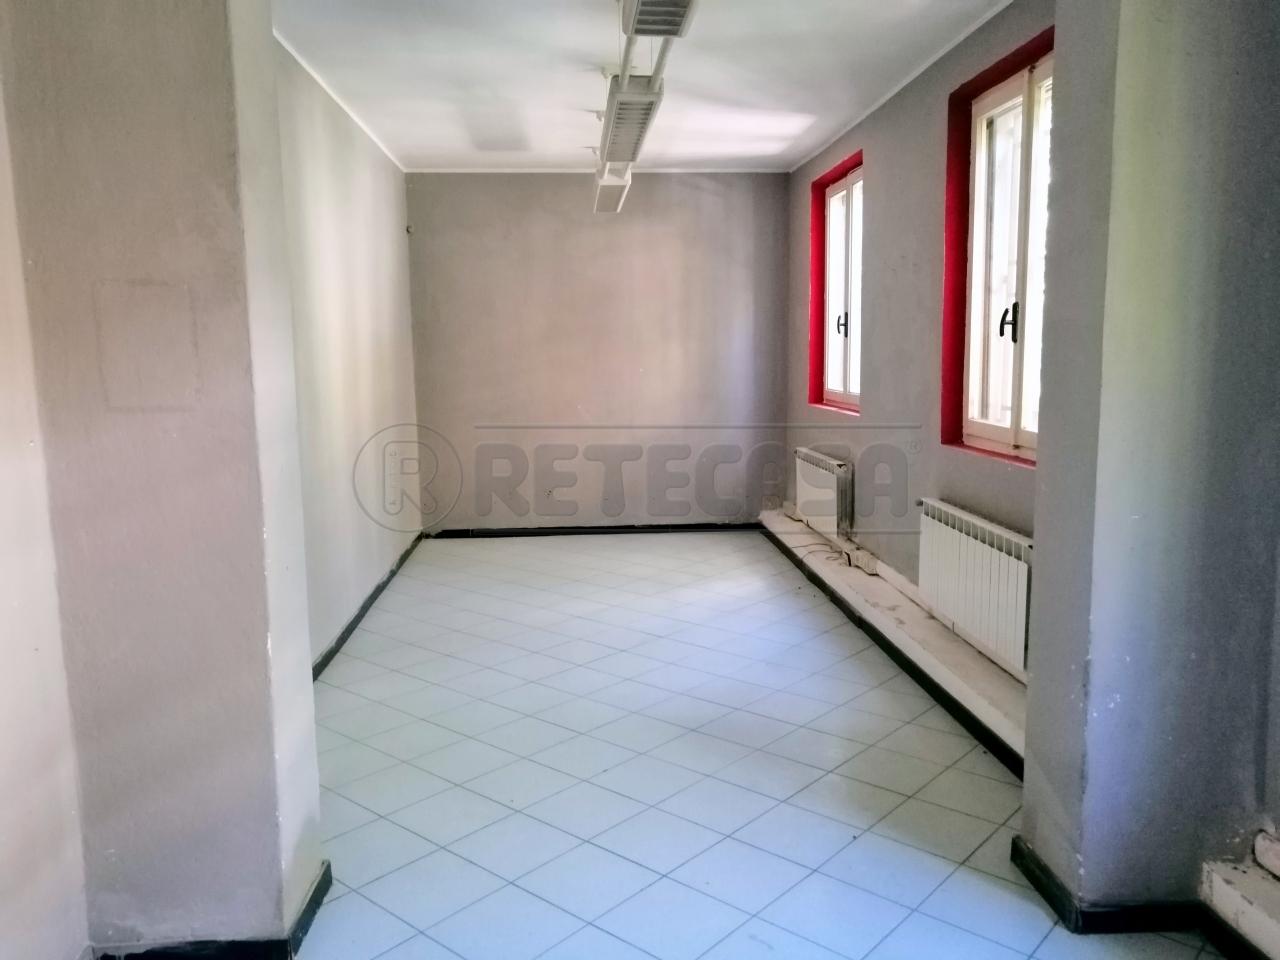 Ufficio / Studio in affitto a Mantova, 5 locali, prezzo € 500 | PortaleAgenzieImmobiliari.it